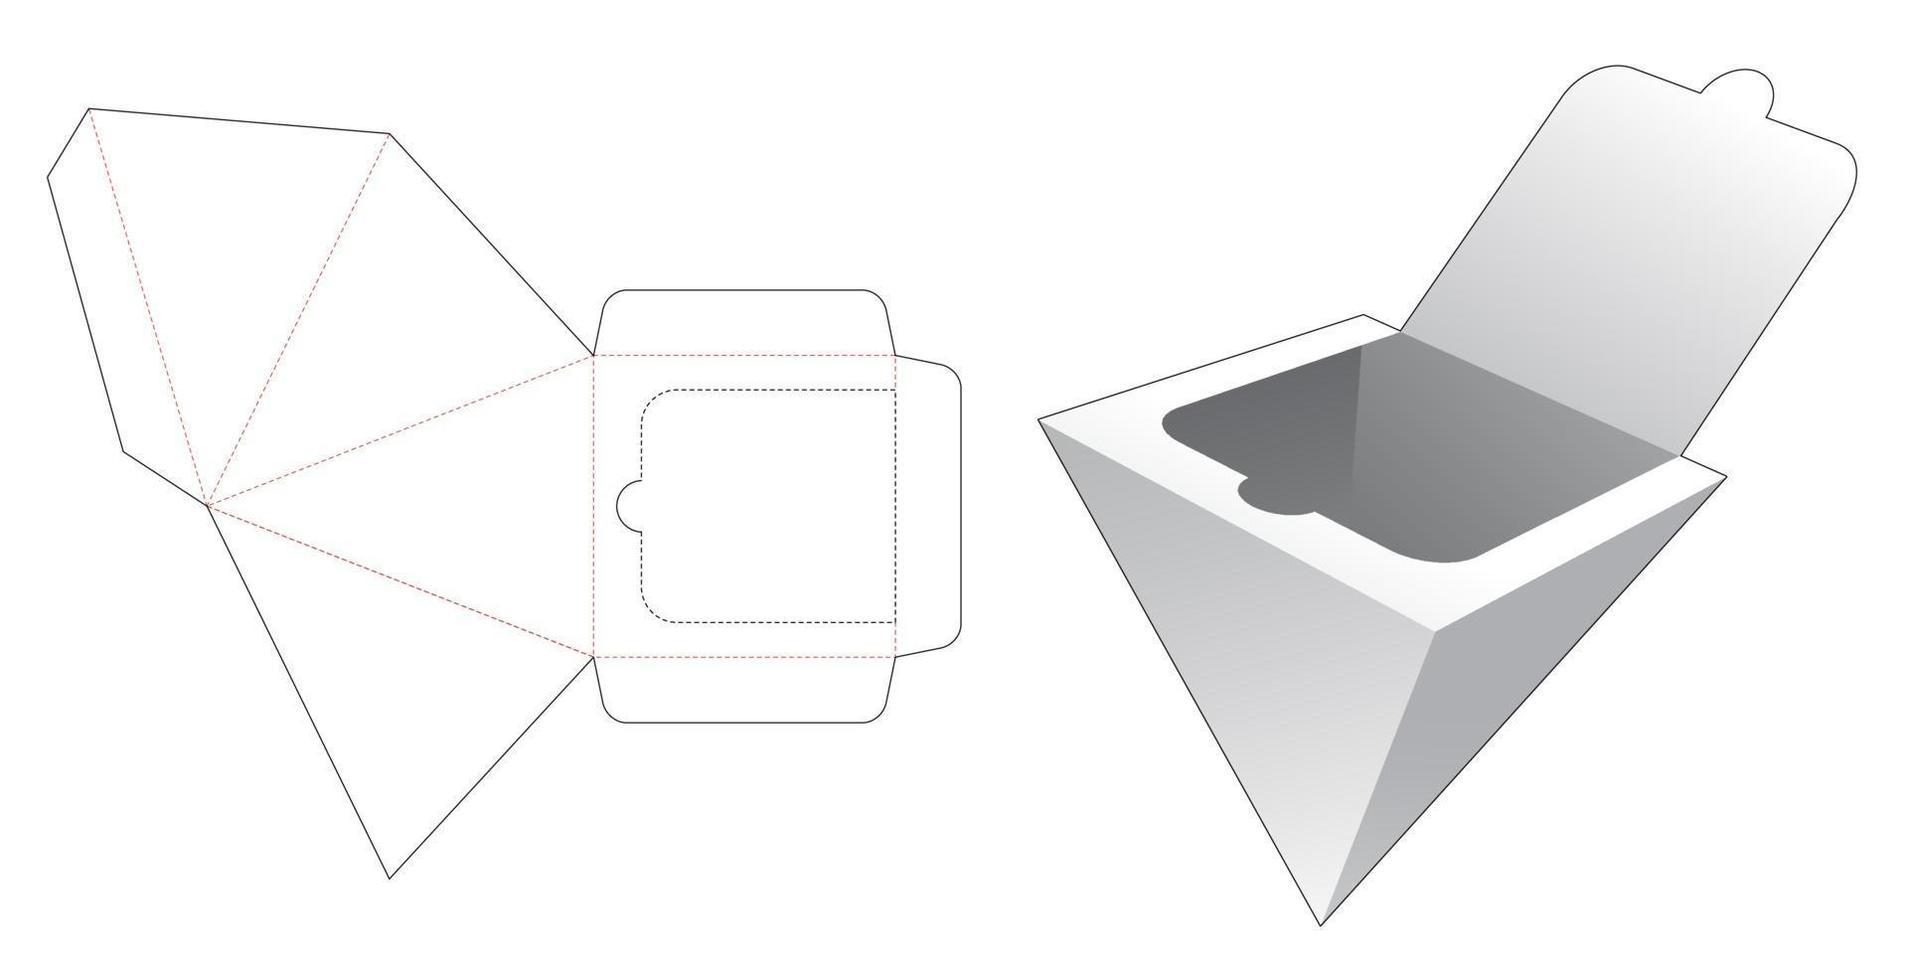 piramidedoos met gestanste sjabloon aan de onderkant met ritssluiting vector